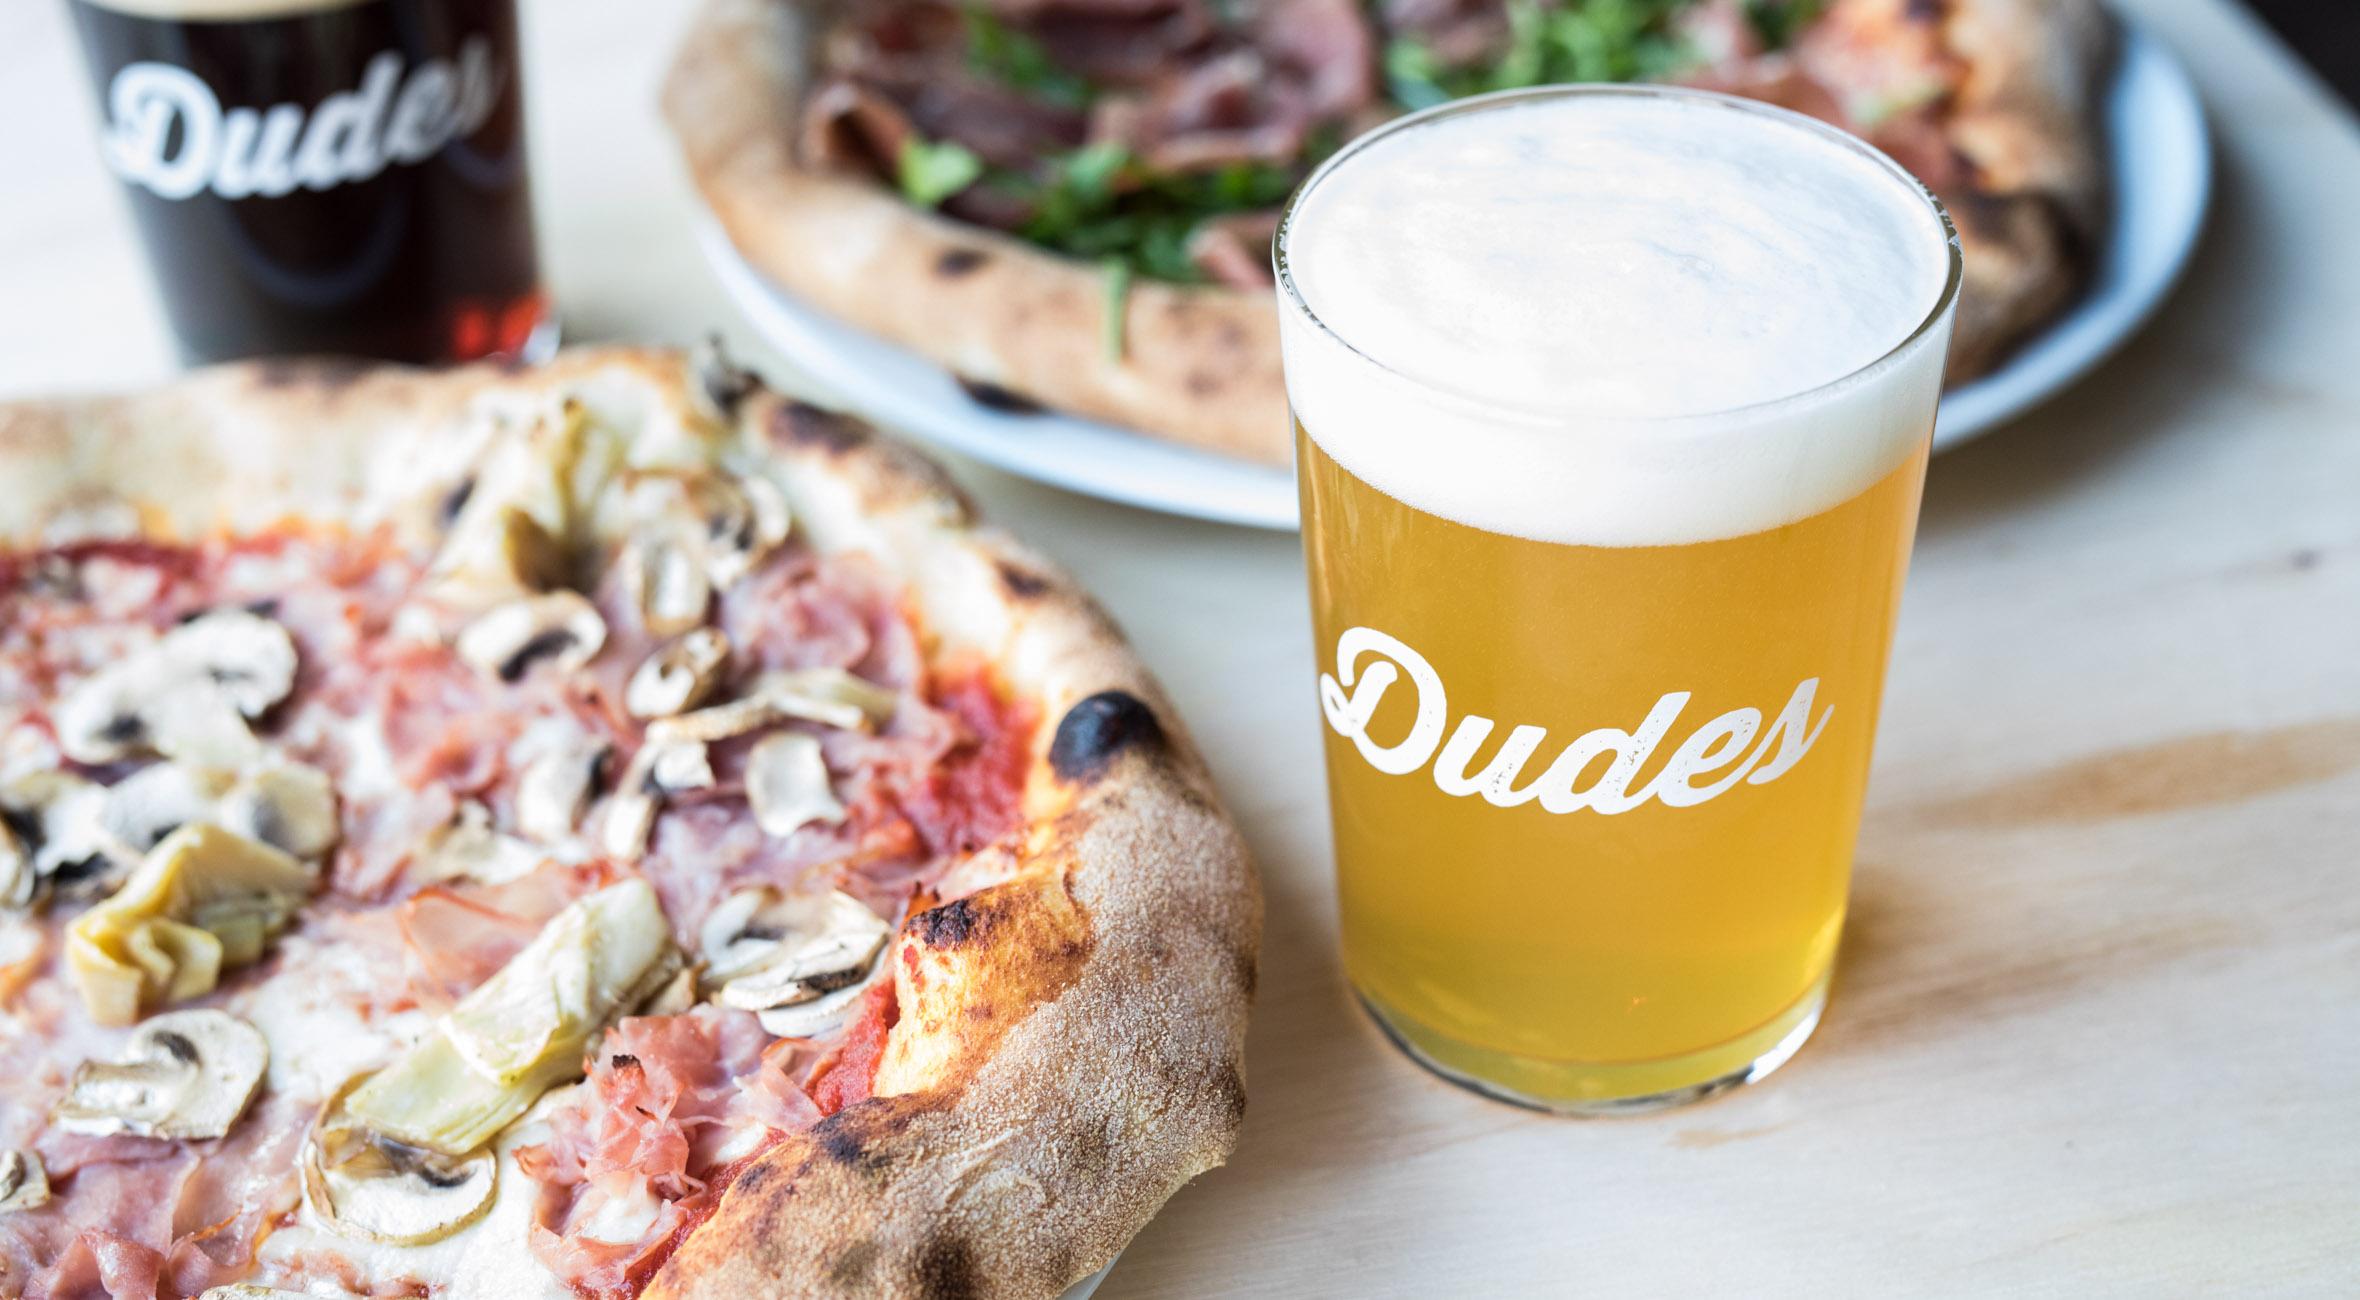 2 x gourmet-pizza + 2 x craft beer hos hippe Dudes – Nyåbnet øl- og pizzabar byder på ølbryg fra verdens bedste bryggerier